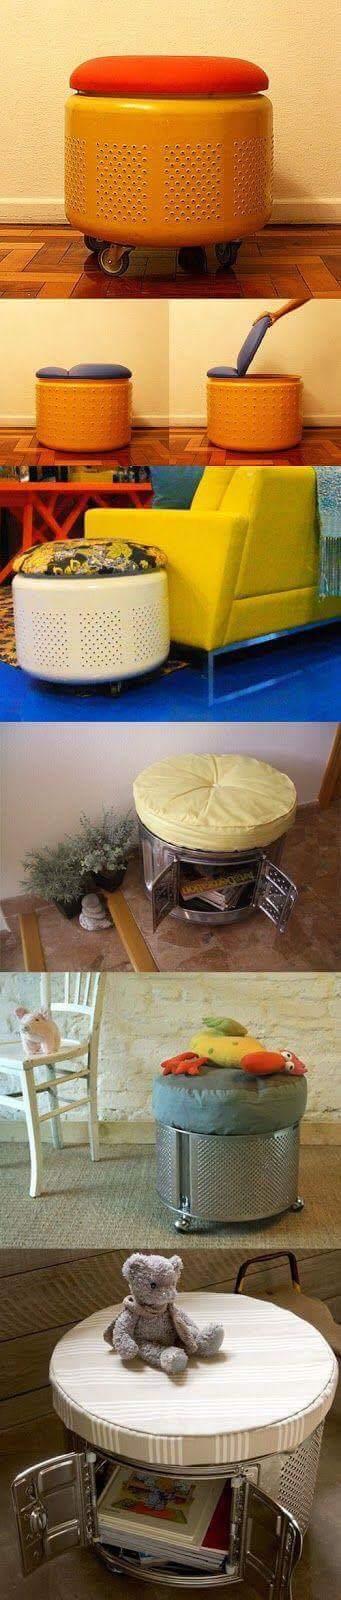 Reciclar el tambor de un lavarropas para hacer asientos